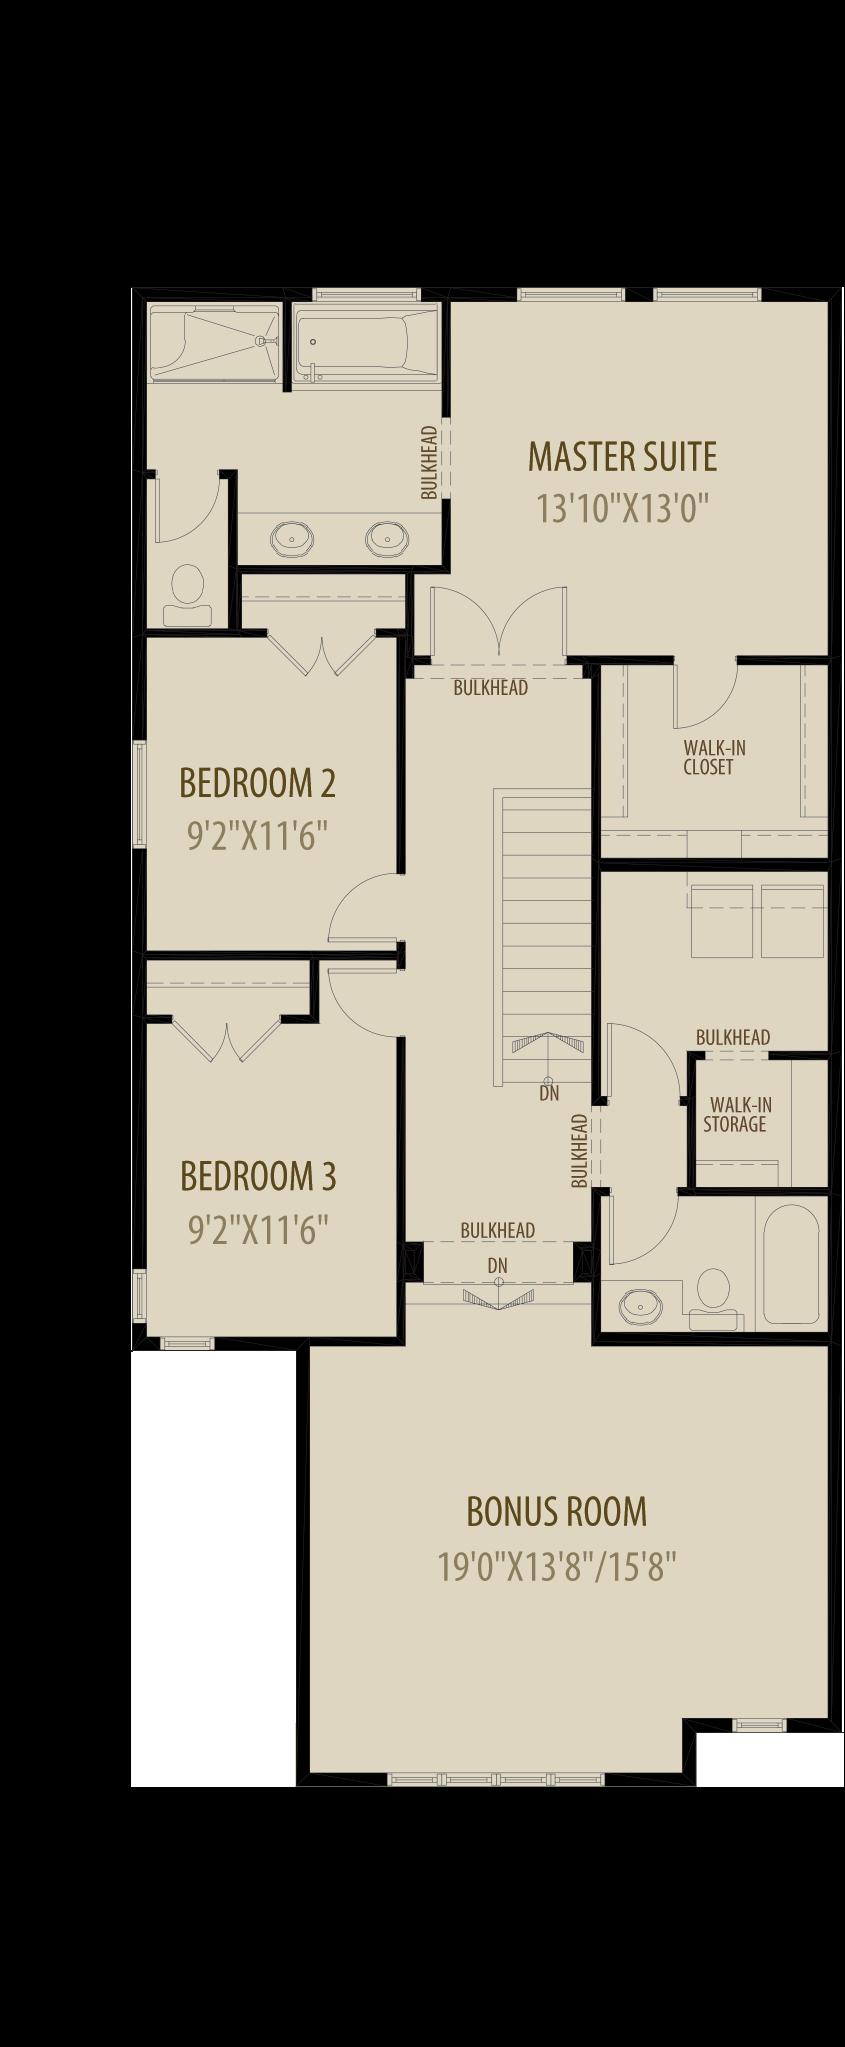 Extended Bonus Room - Livingston Standard Plan (Adds 60 Sq Ft)